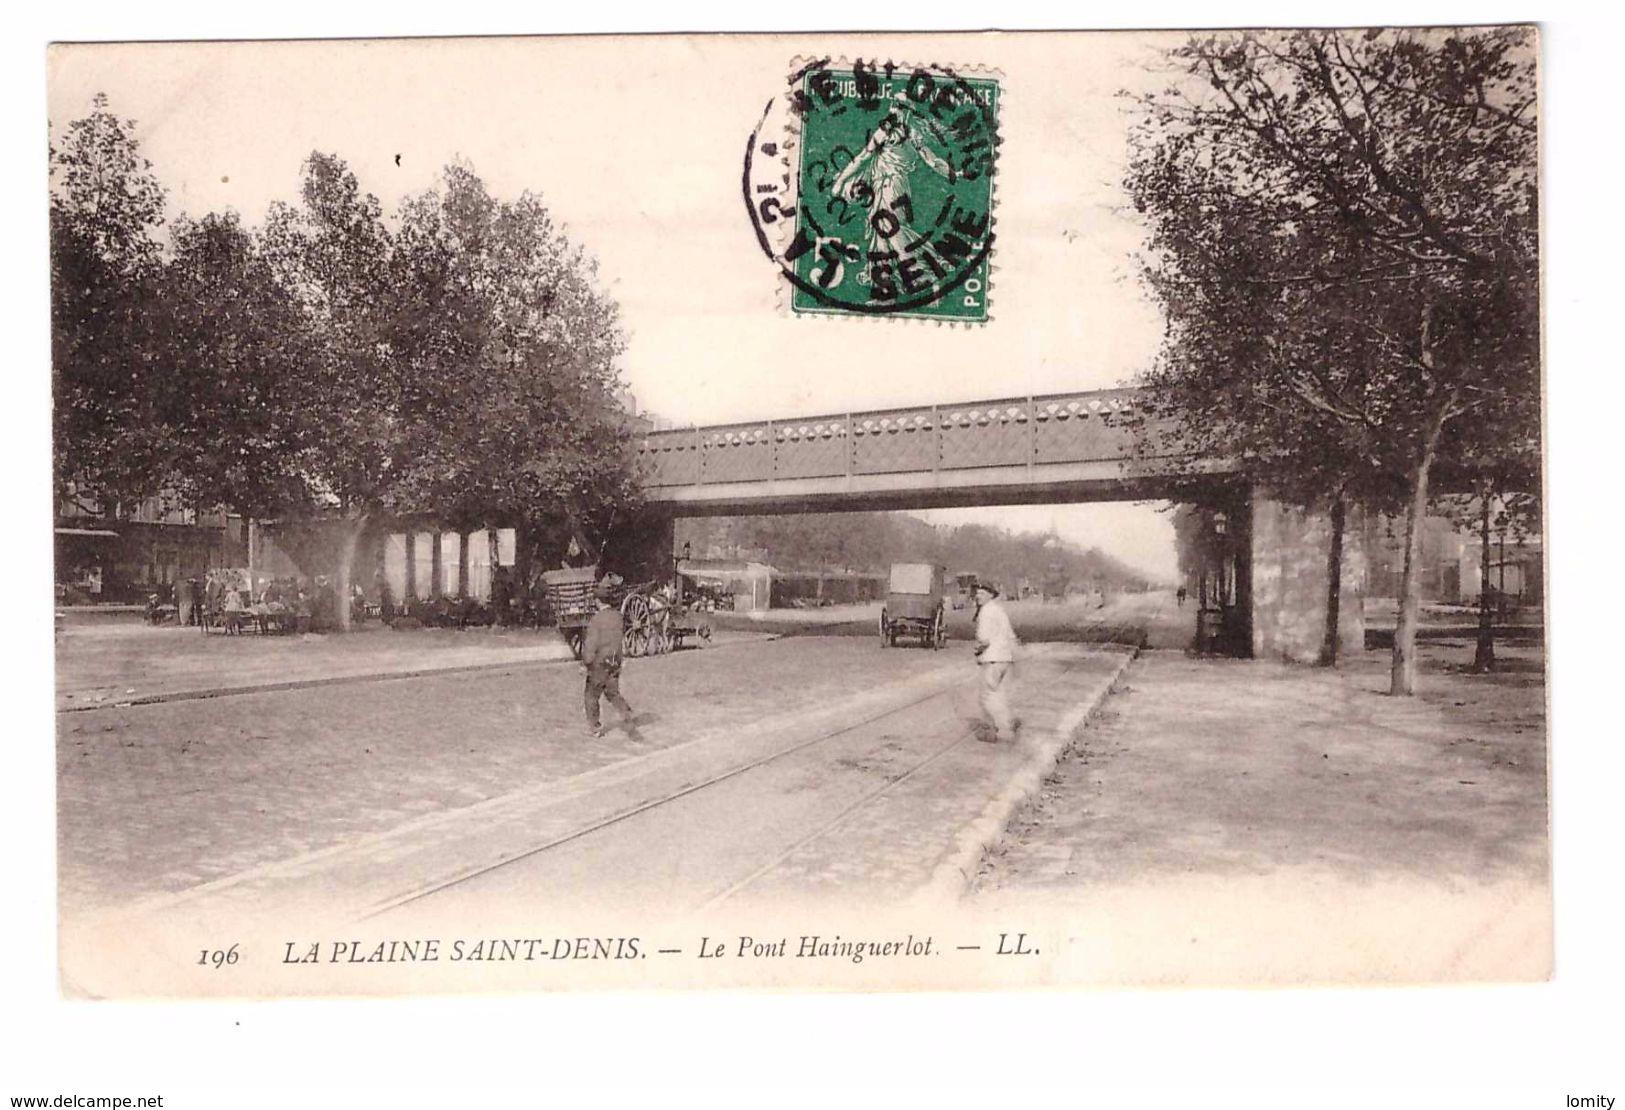 93 La Plaine Saint Denis Le Pont Hainguerlot Cpa Animée Attelage Cachet Plaine St Denis 1907 - Saint Denis